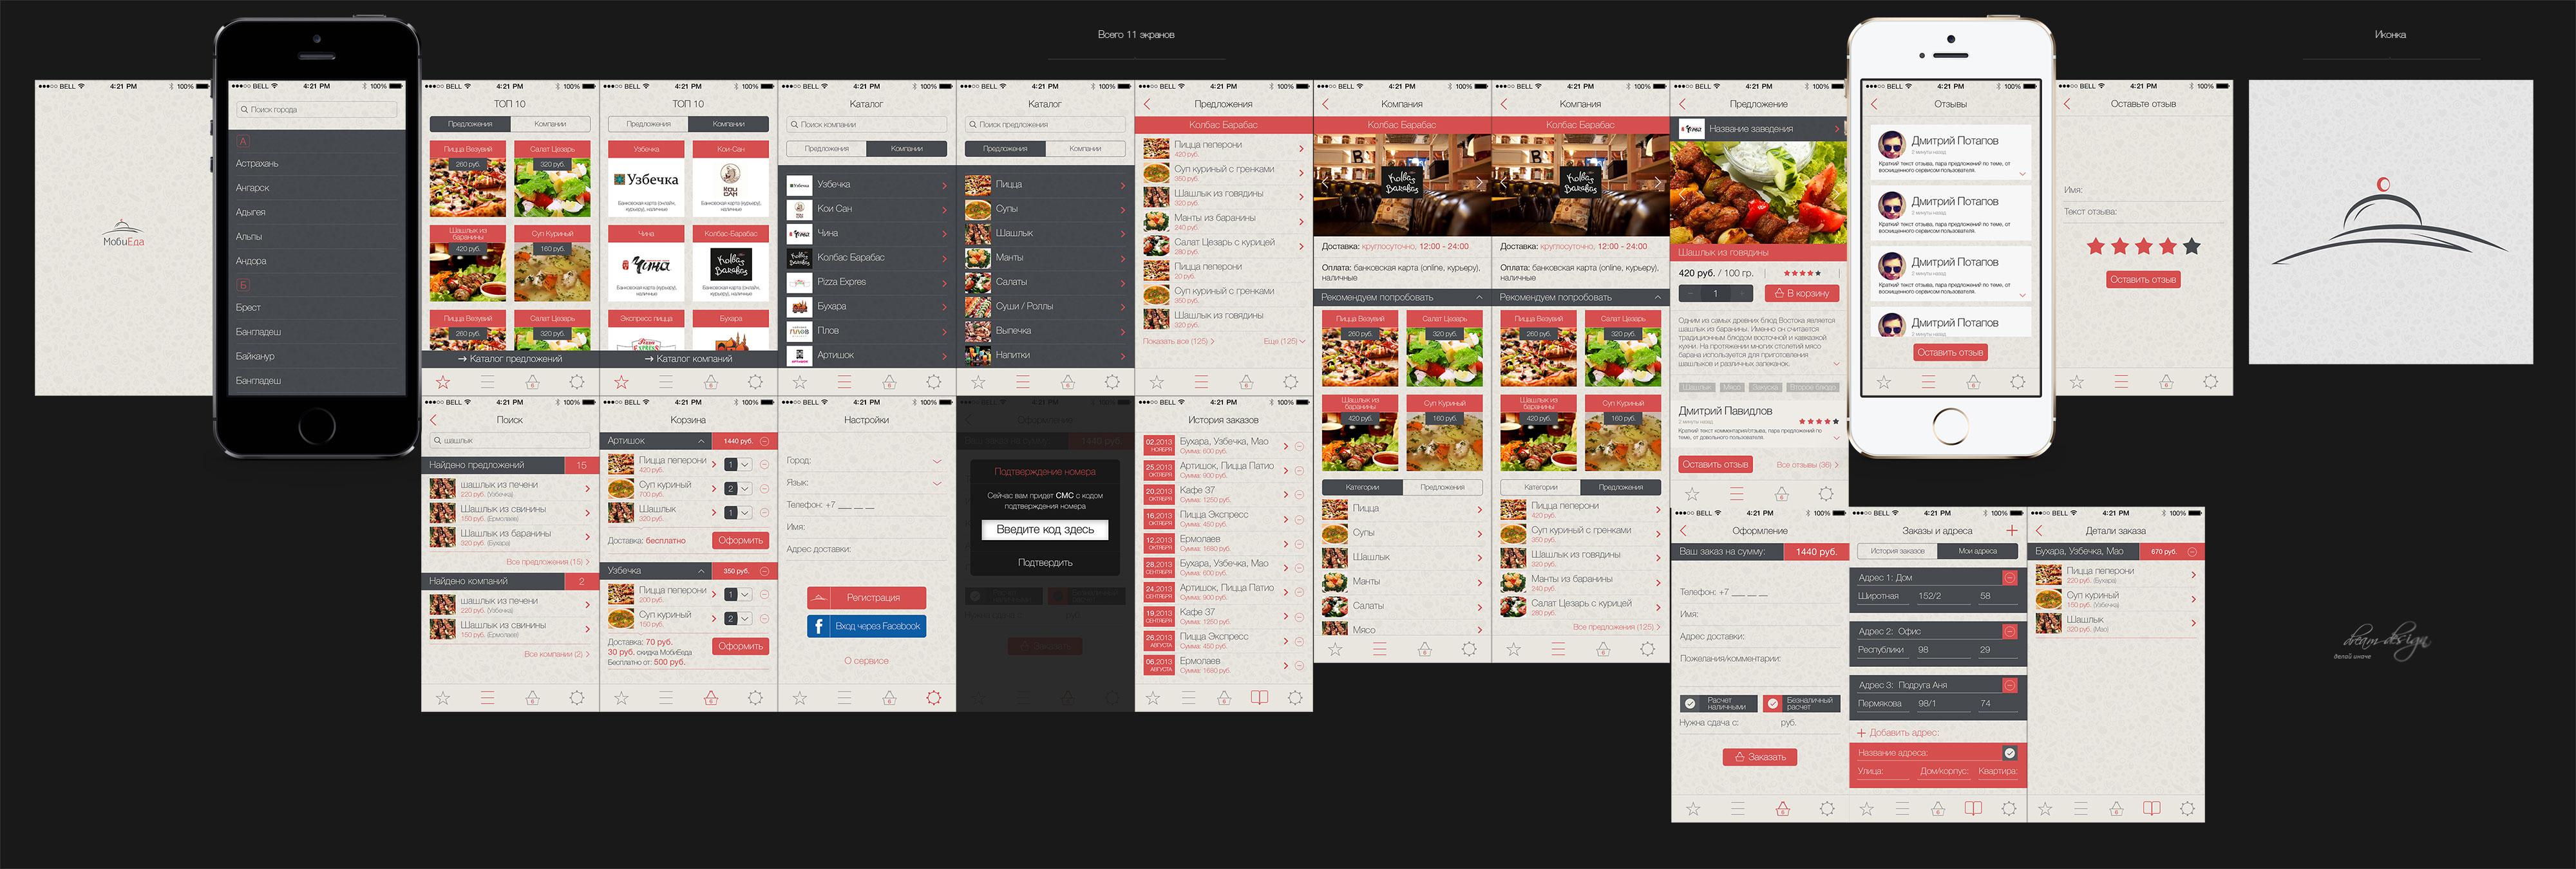 Мобильное приложение: МобЕда - доставка еды